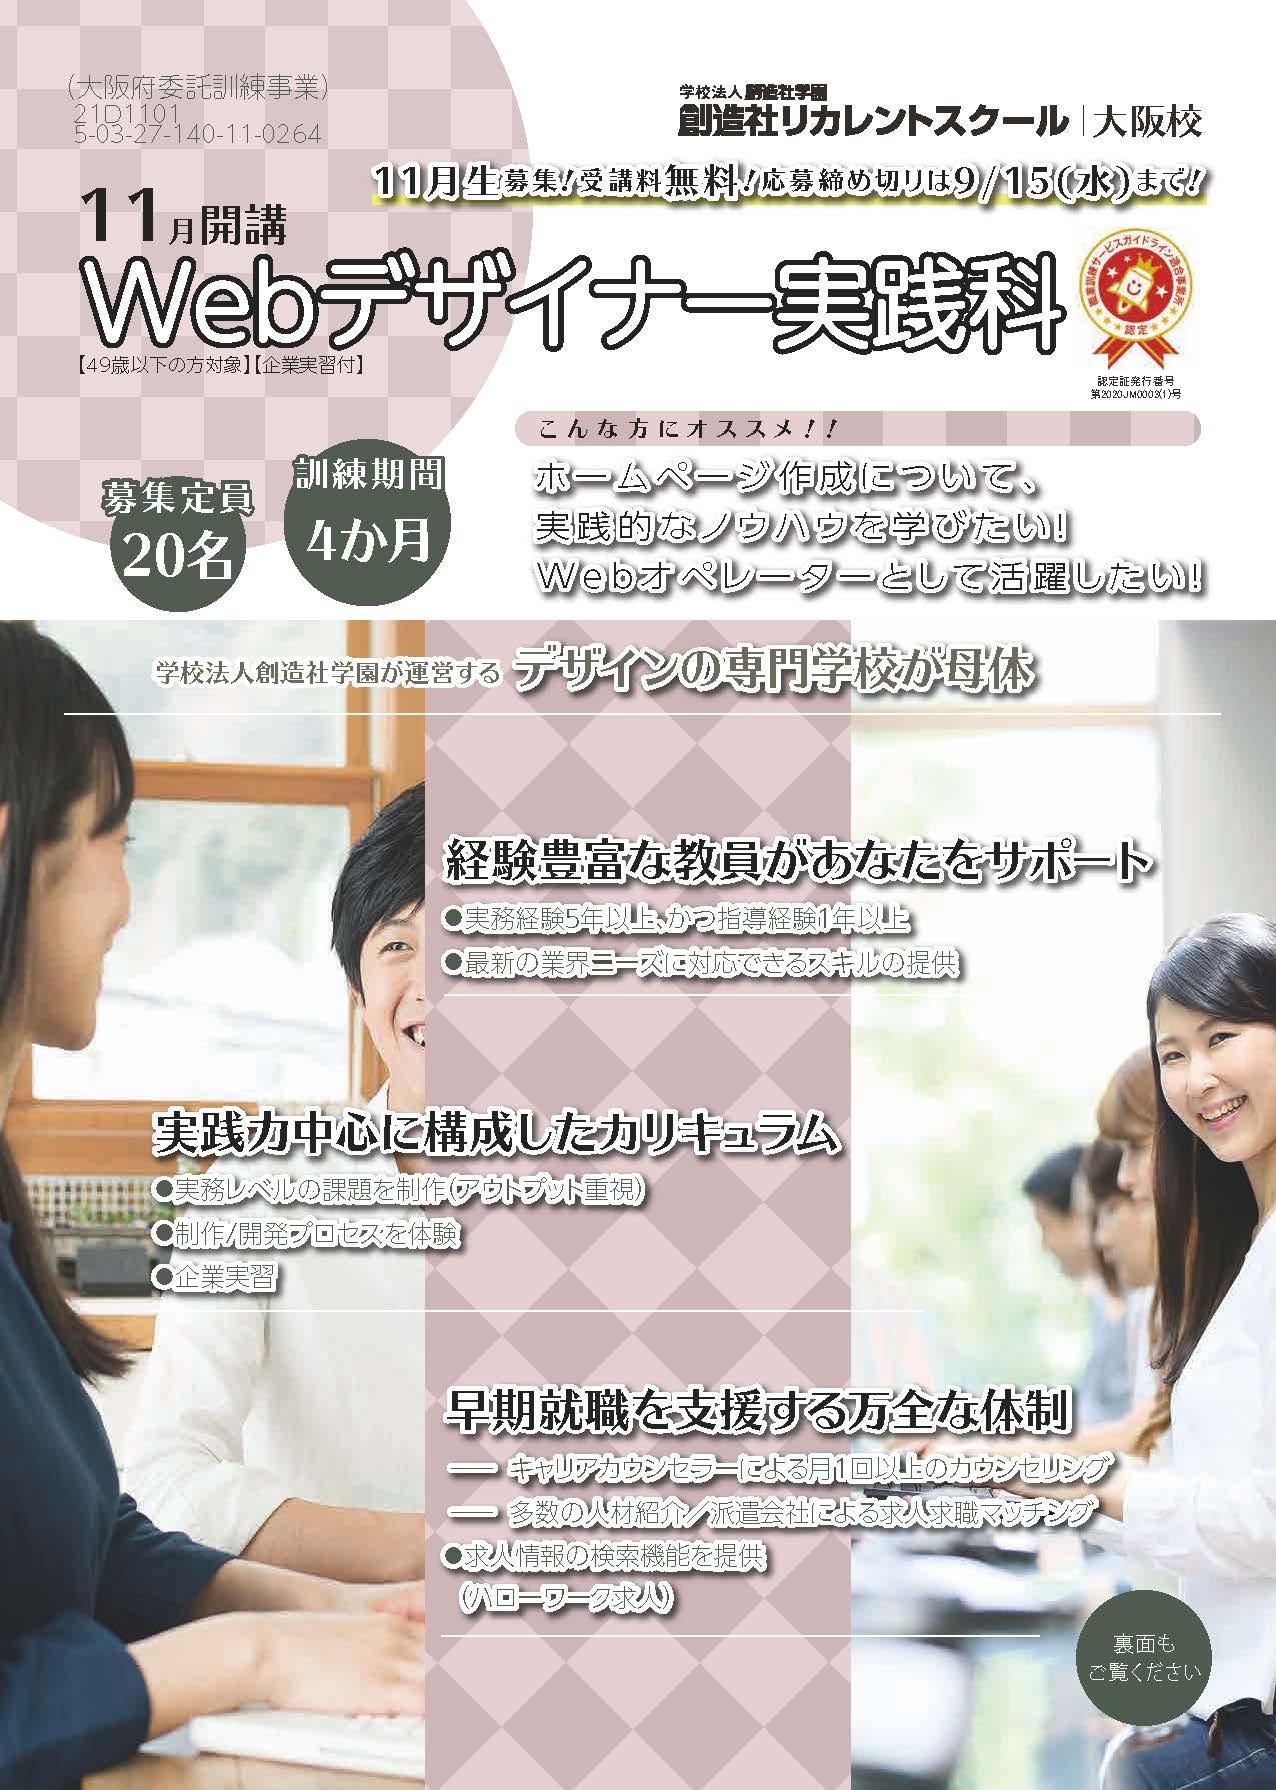 学校法人創造社学園創造社リカレントスクール Webデザイナー実践科【49歳以下の方対象】